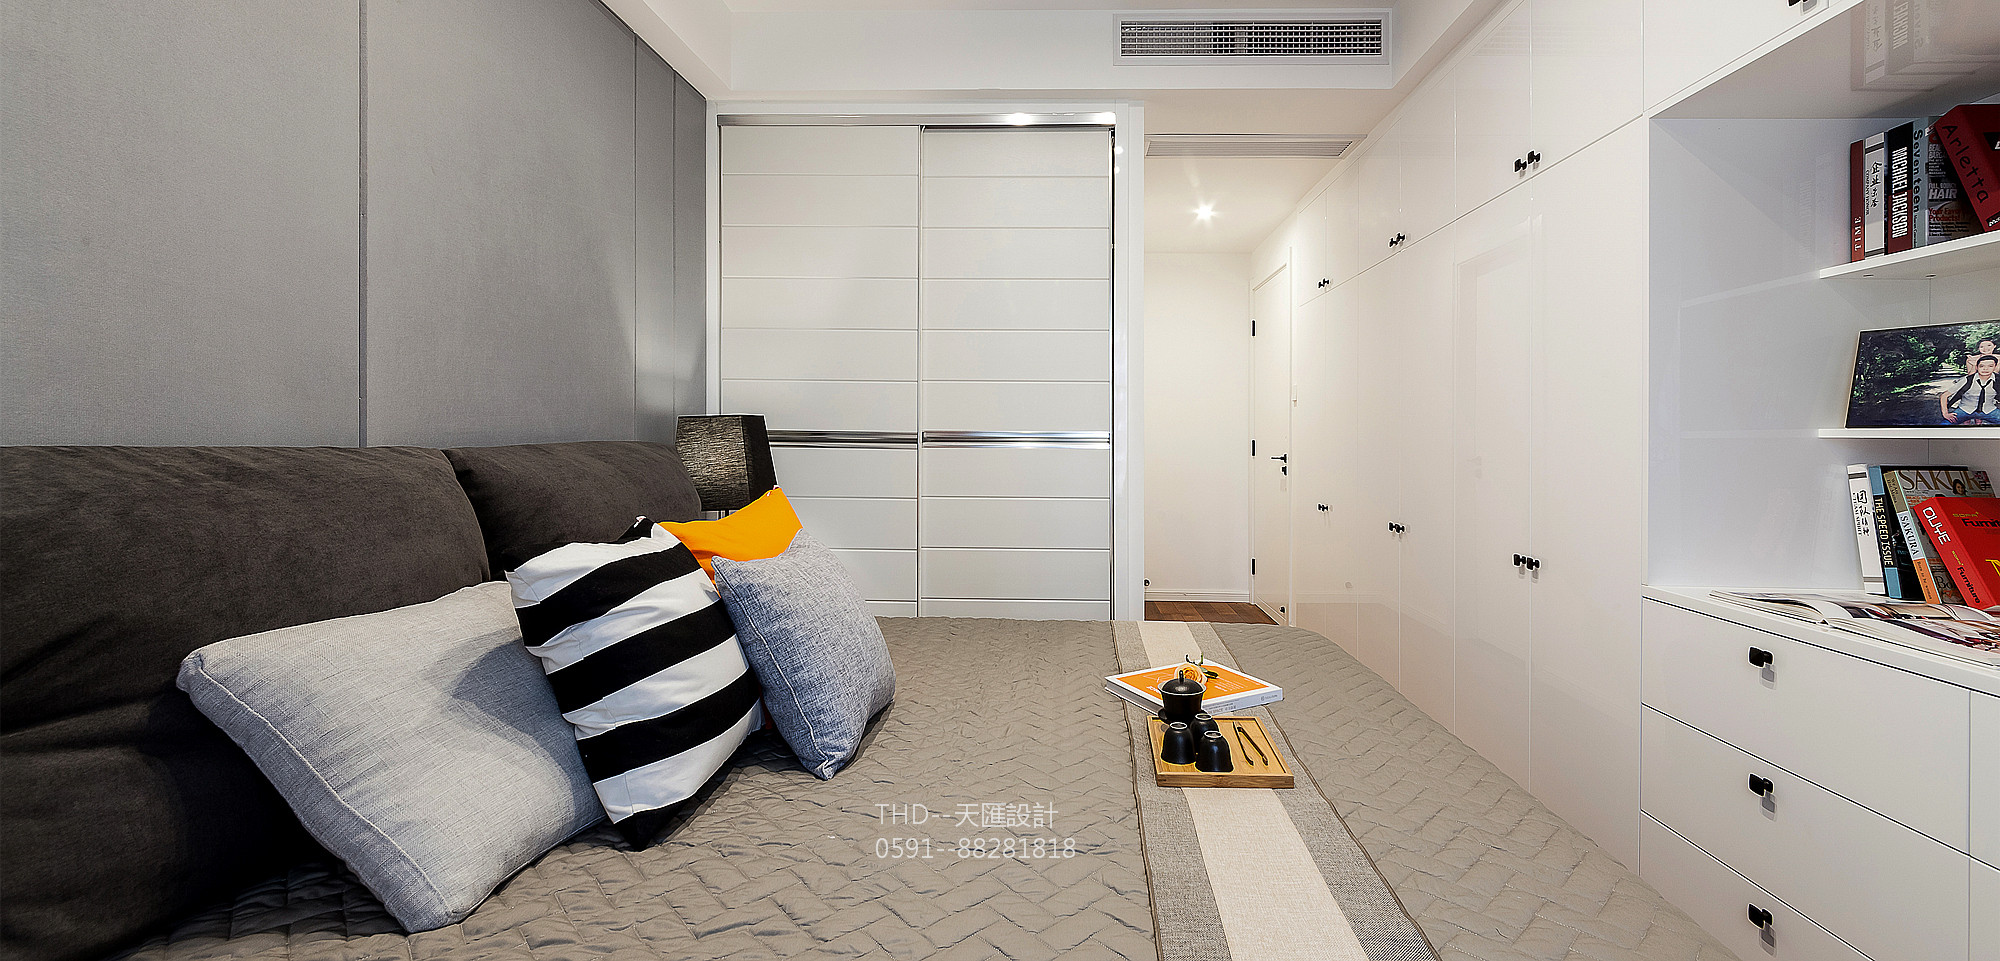 简约 小资 80后 三居 天汇设计 游小华 卧室图片来自游小华在现代简约《日舒之光》的分享